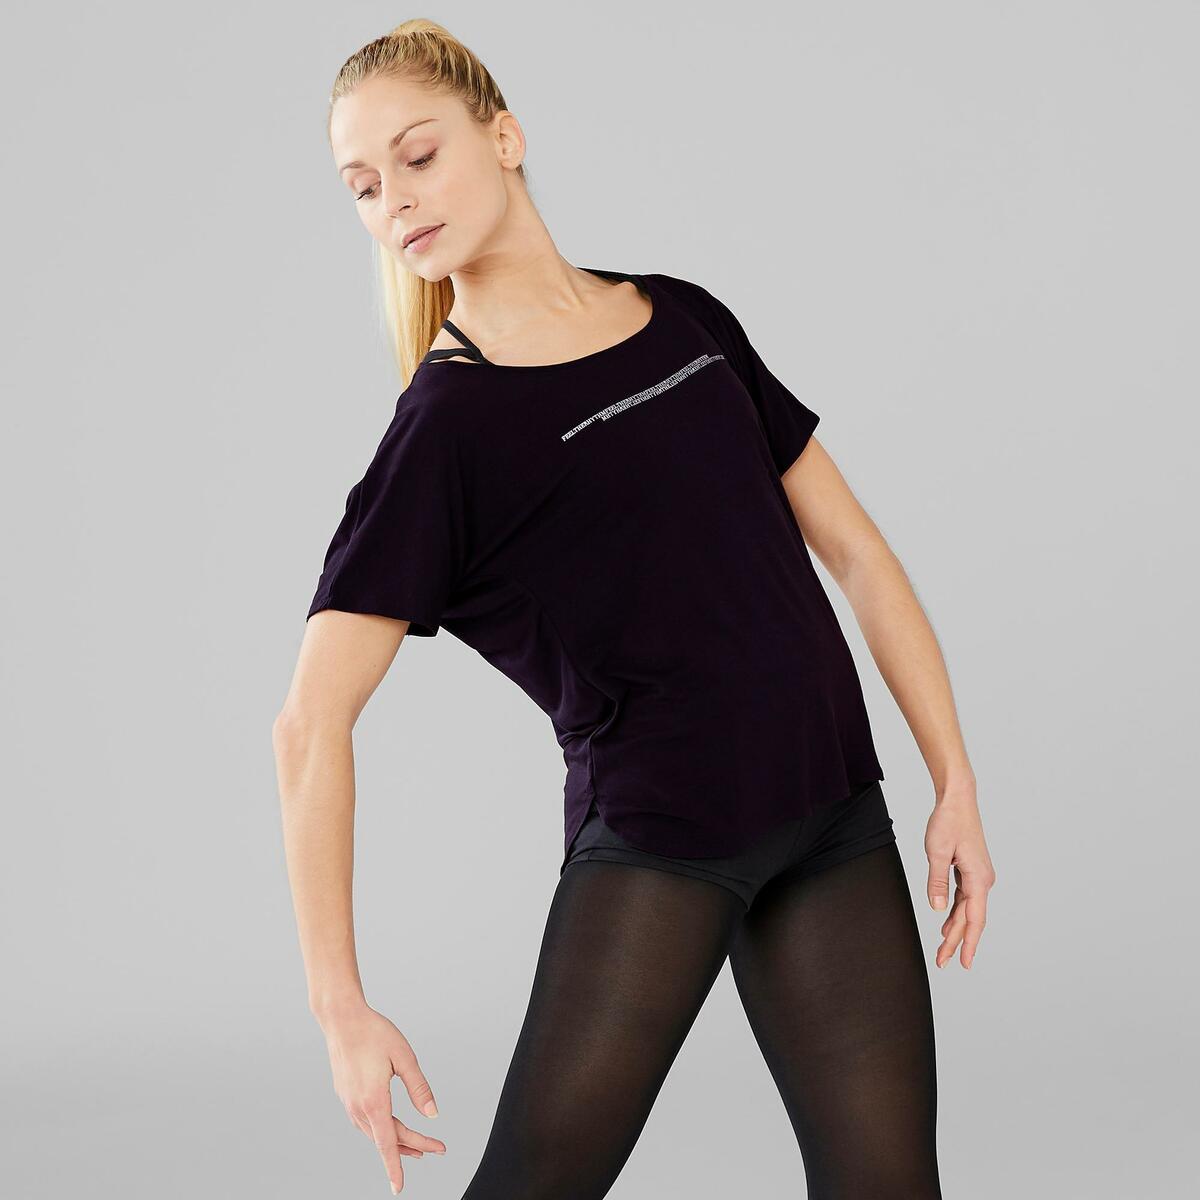 Bild 3 von Dance-Shirt kurz Modern Dance Damen schwarz